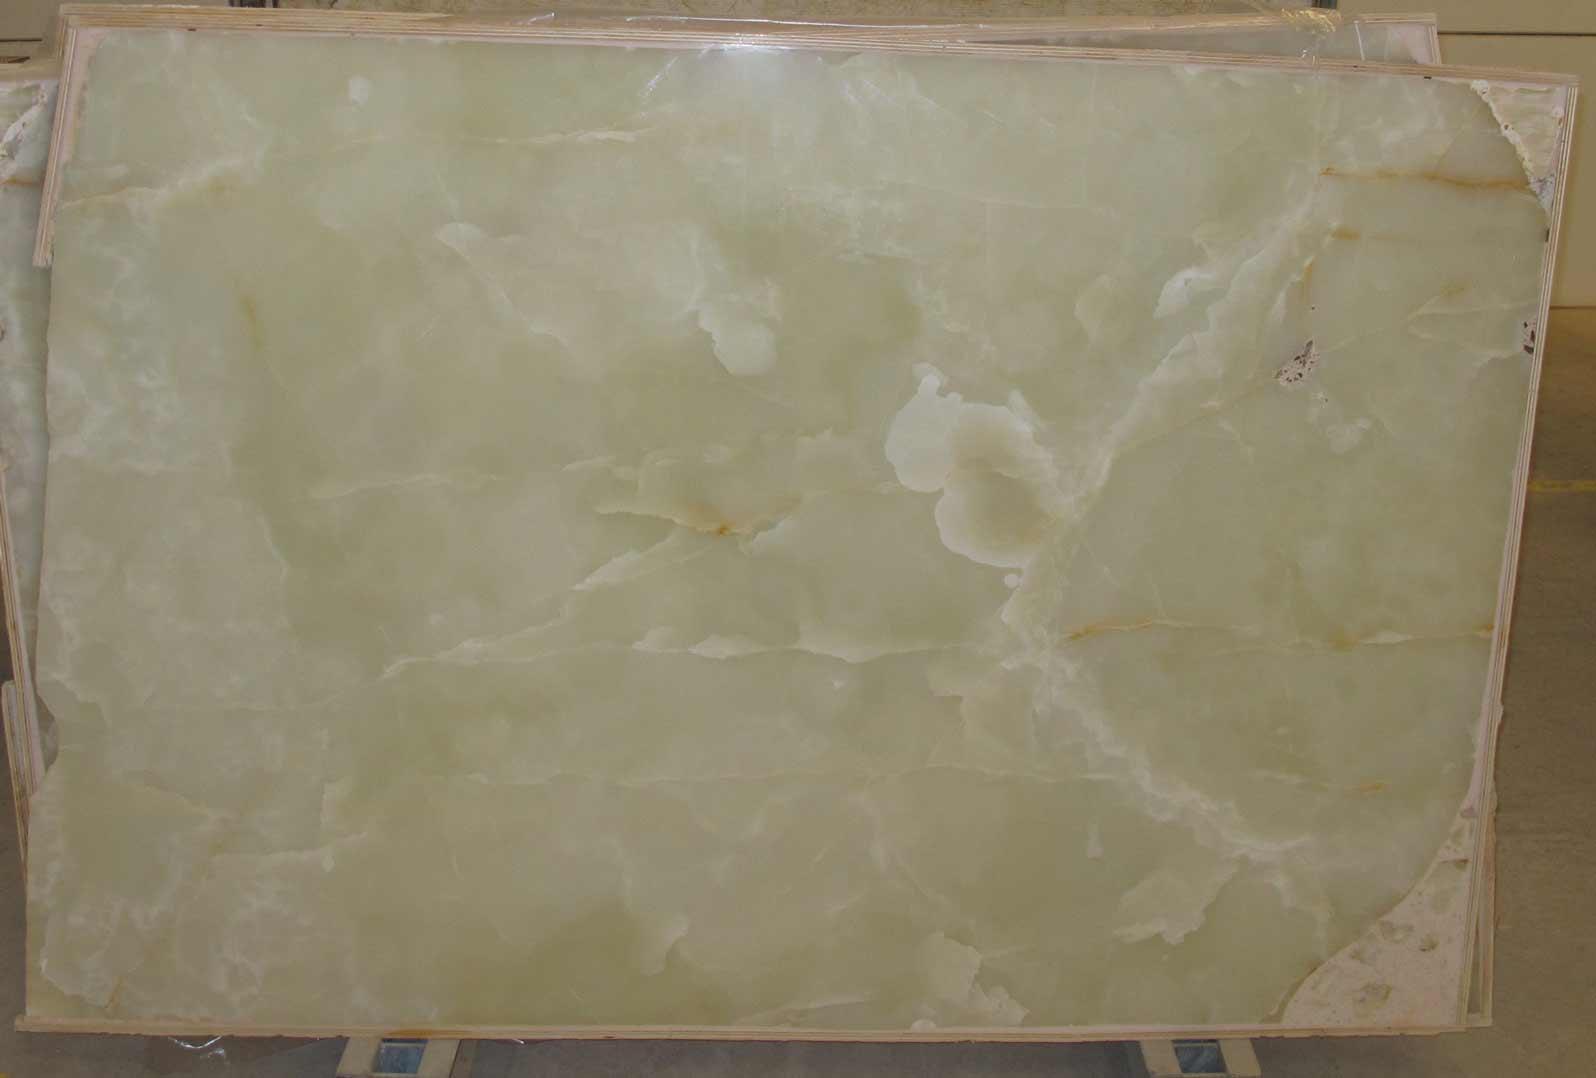 Marmoles rare stone selecci n de materiales los for Marmol verde claro